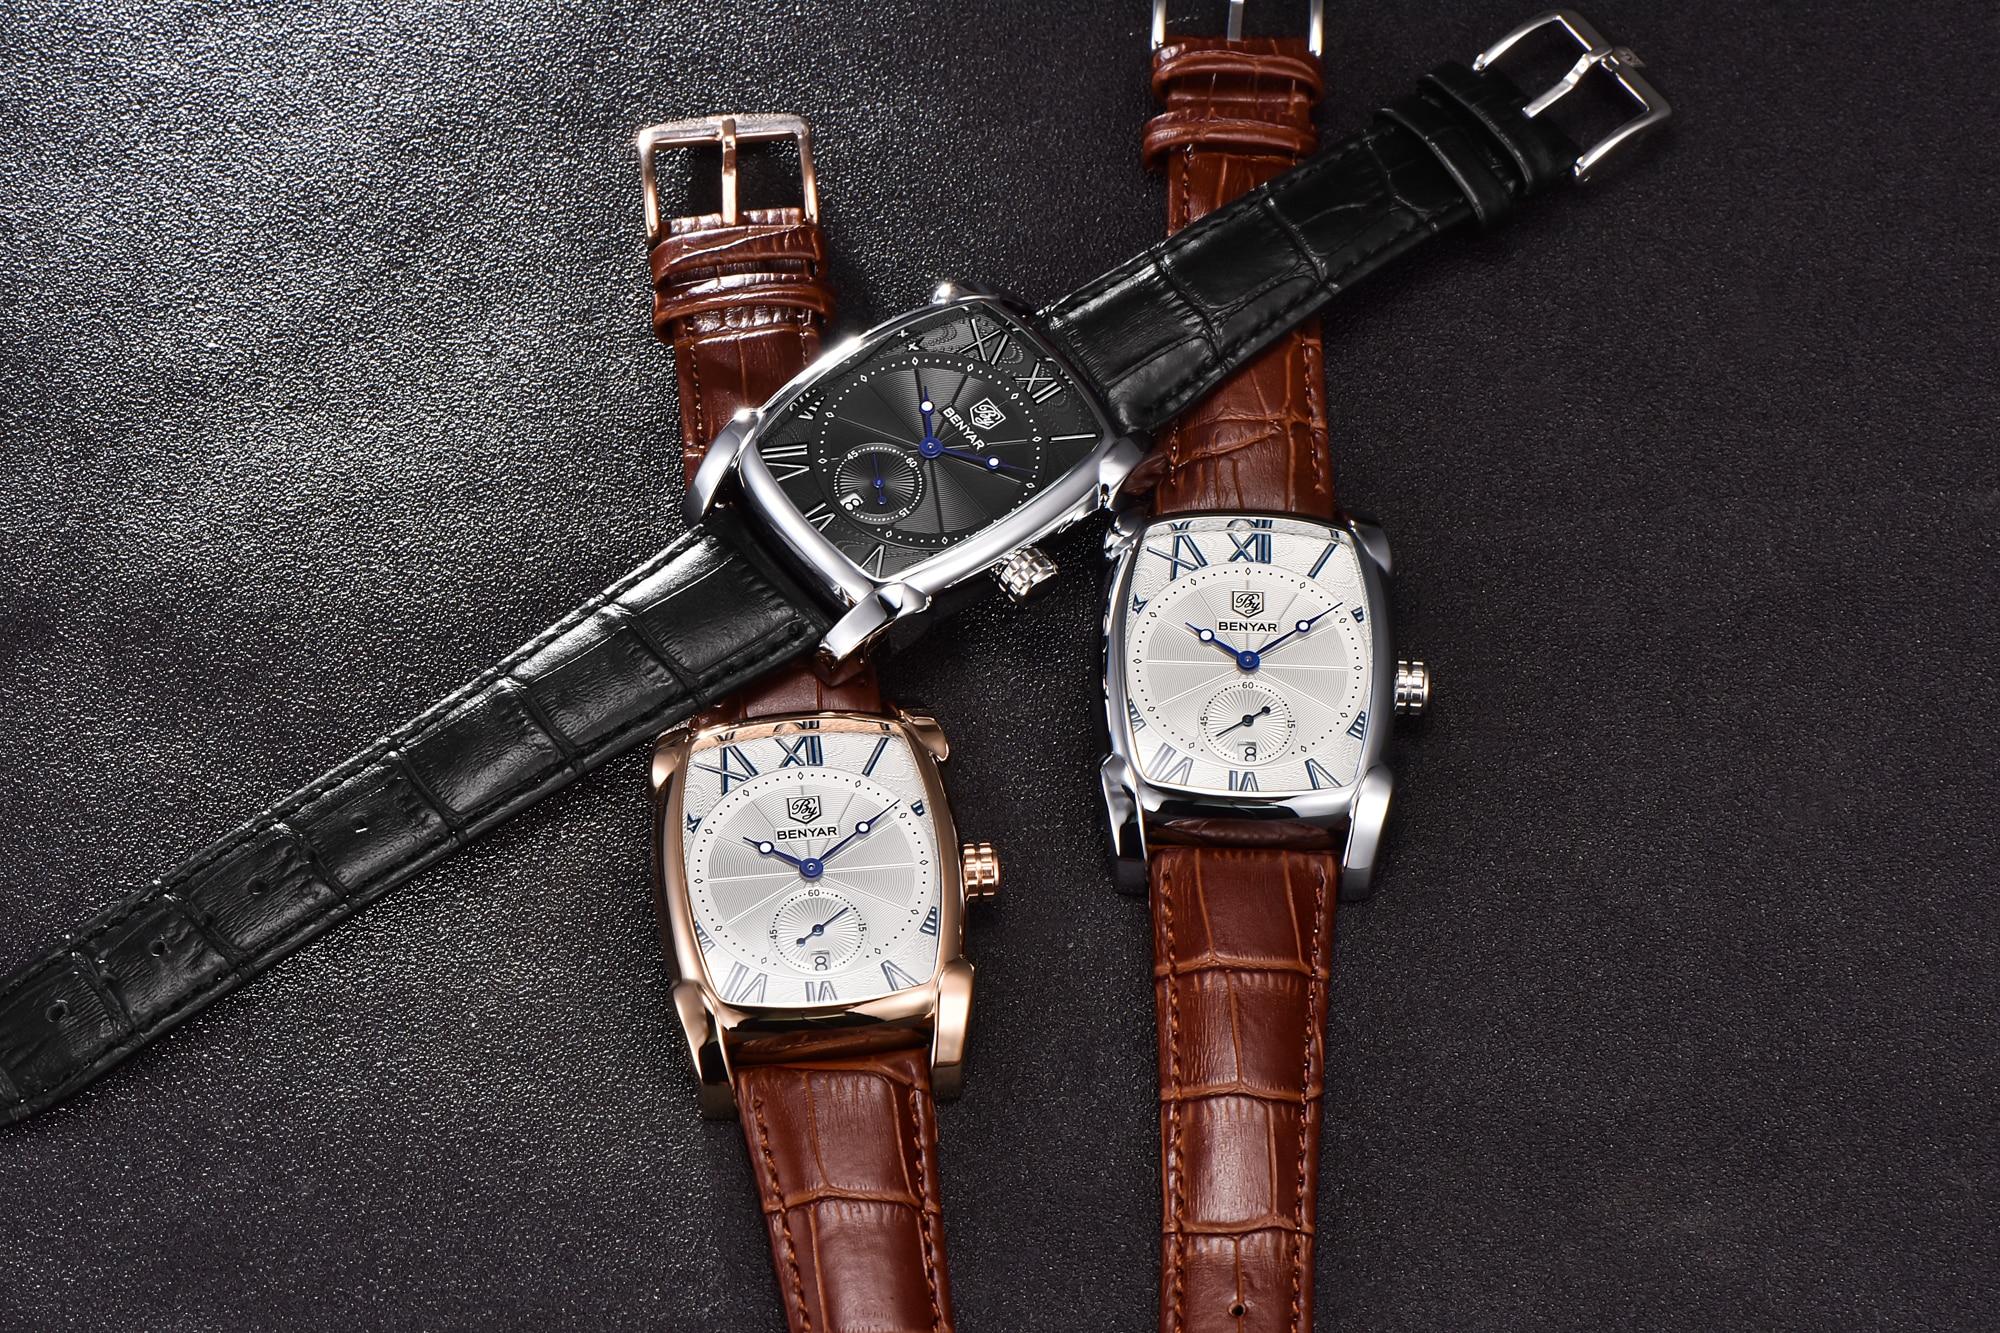 Benyar satovi varijacije